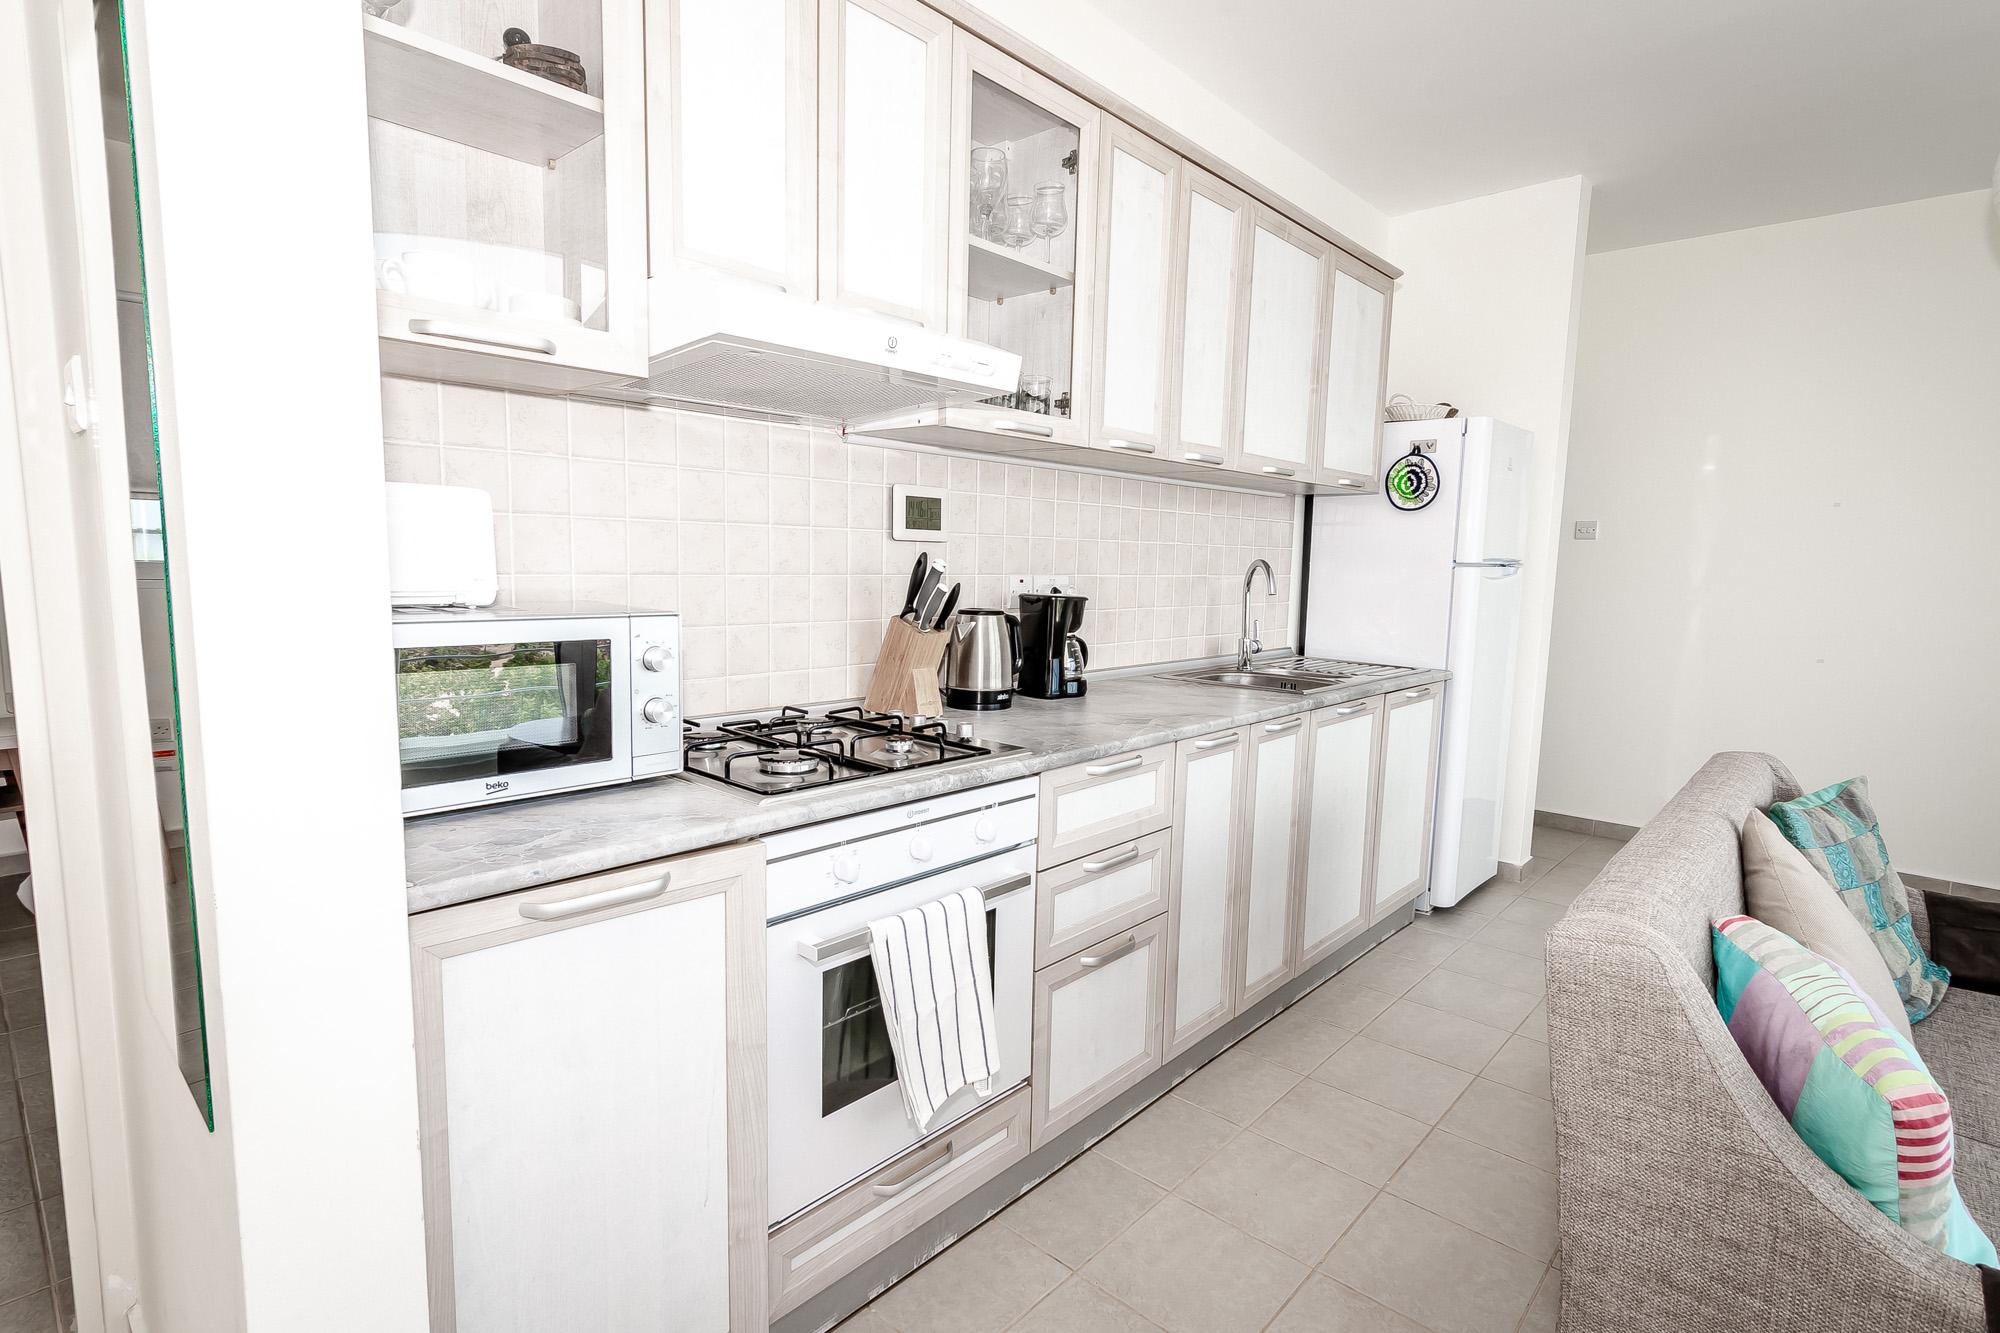 Apartment Joya Cyprus Moonlit Penthouse Apartment photo 20224373